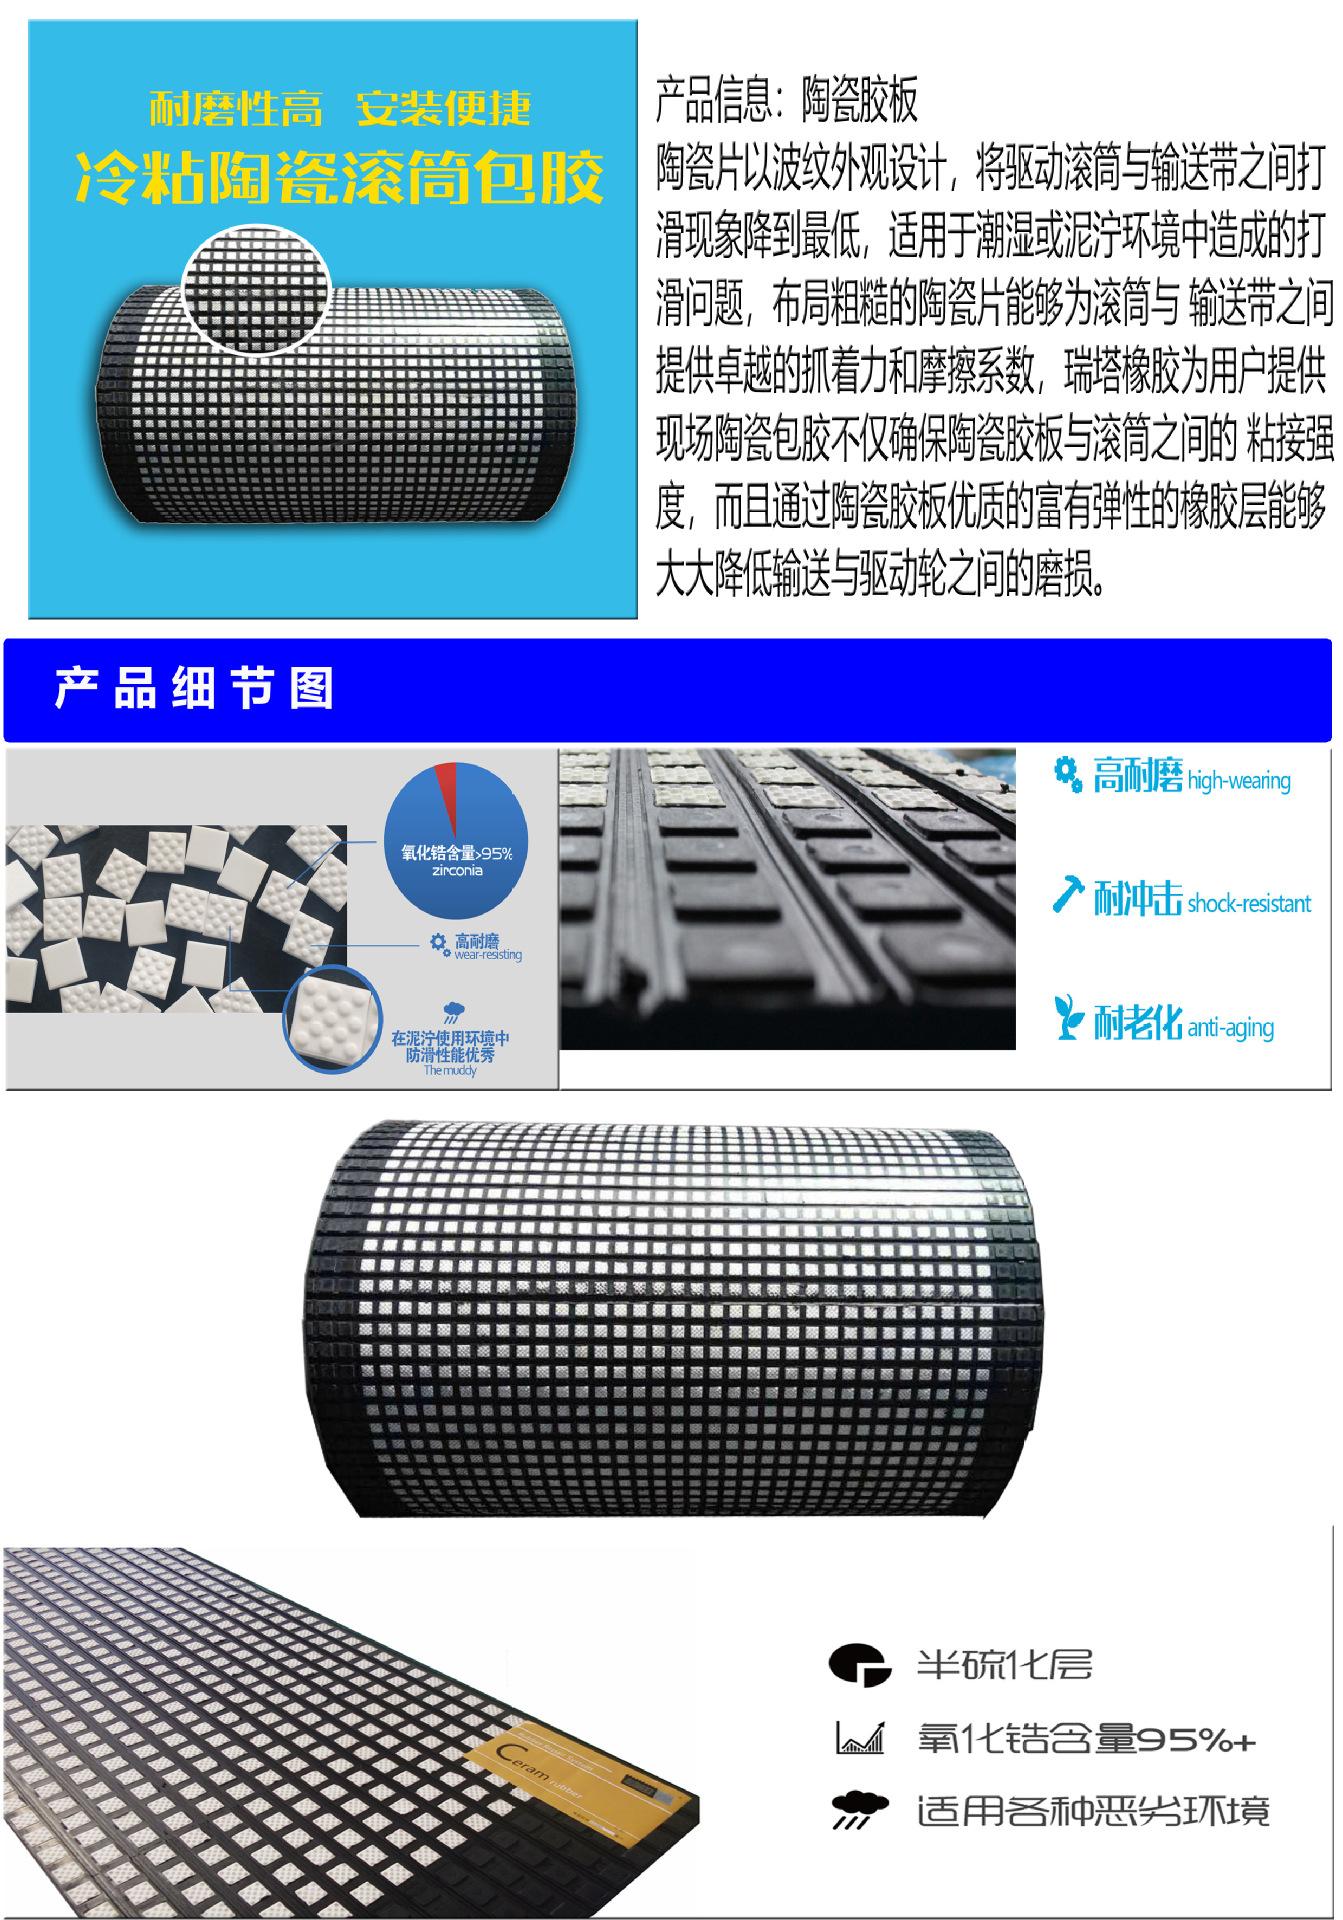 贵州滚筒包胶陶瓷胶板生产厂家  无需打磨陶瓷胶板示例图2